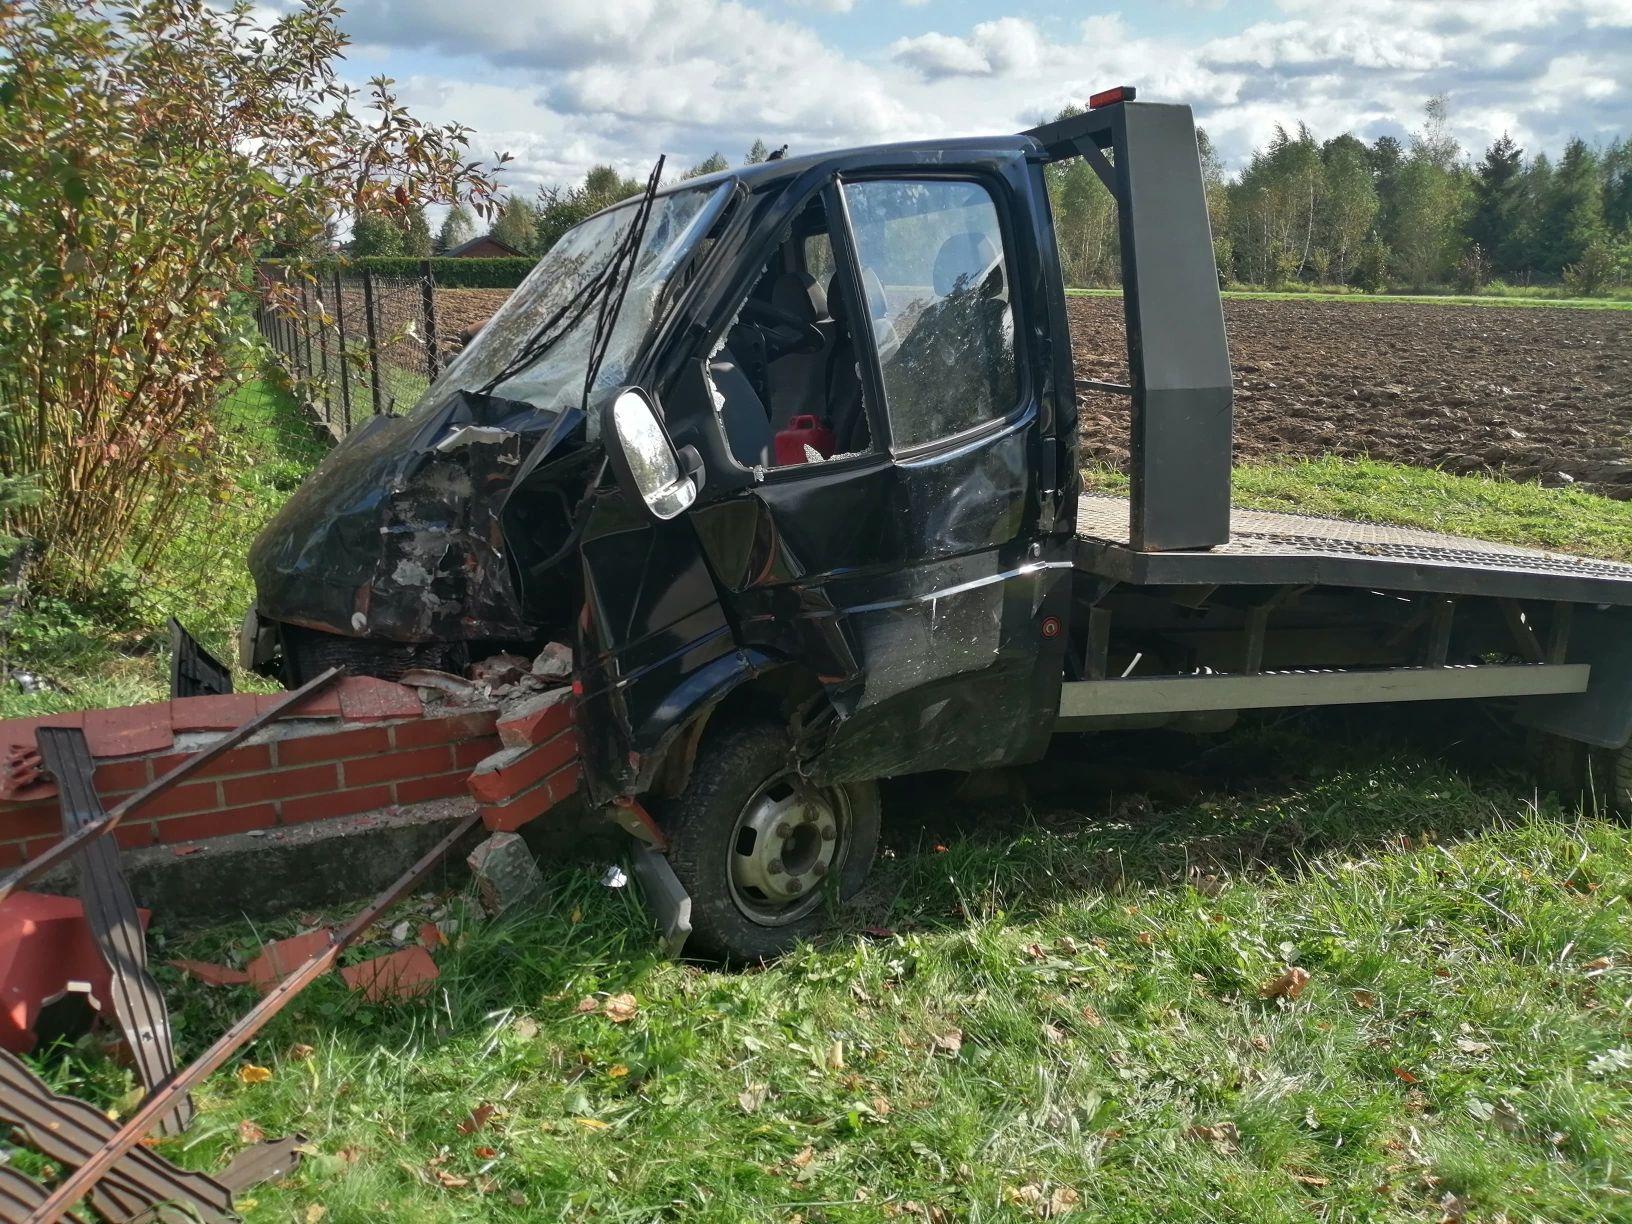 Ktoś ukradł auto i je roztrzaskał. 1000 zł nagrody za wskazanie sprawcy